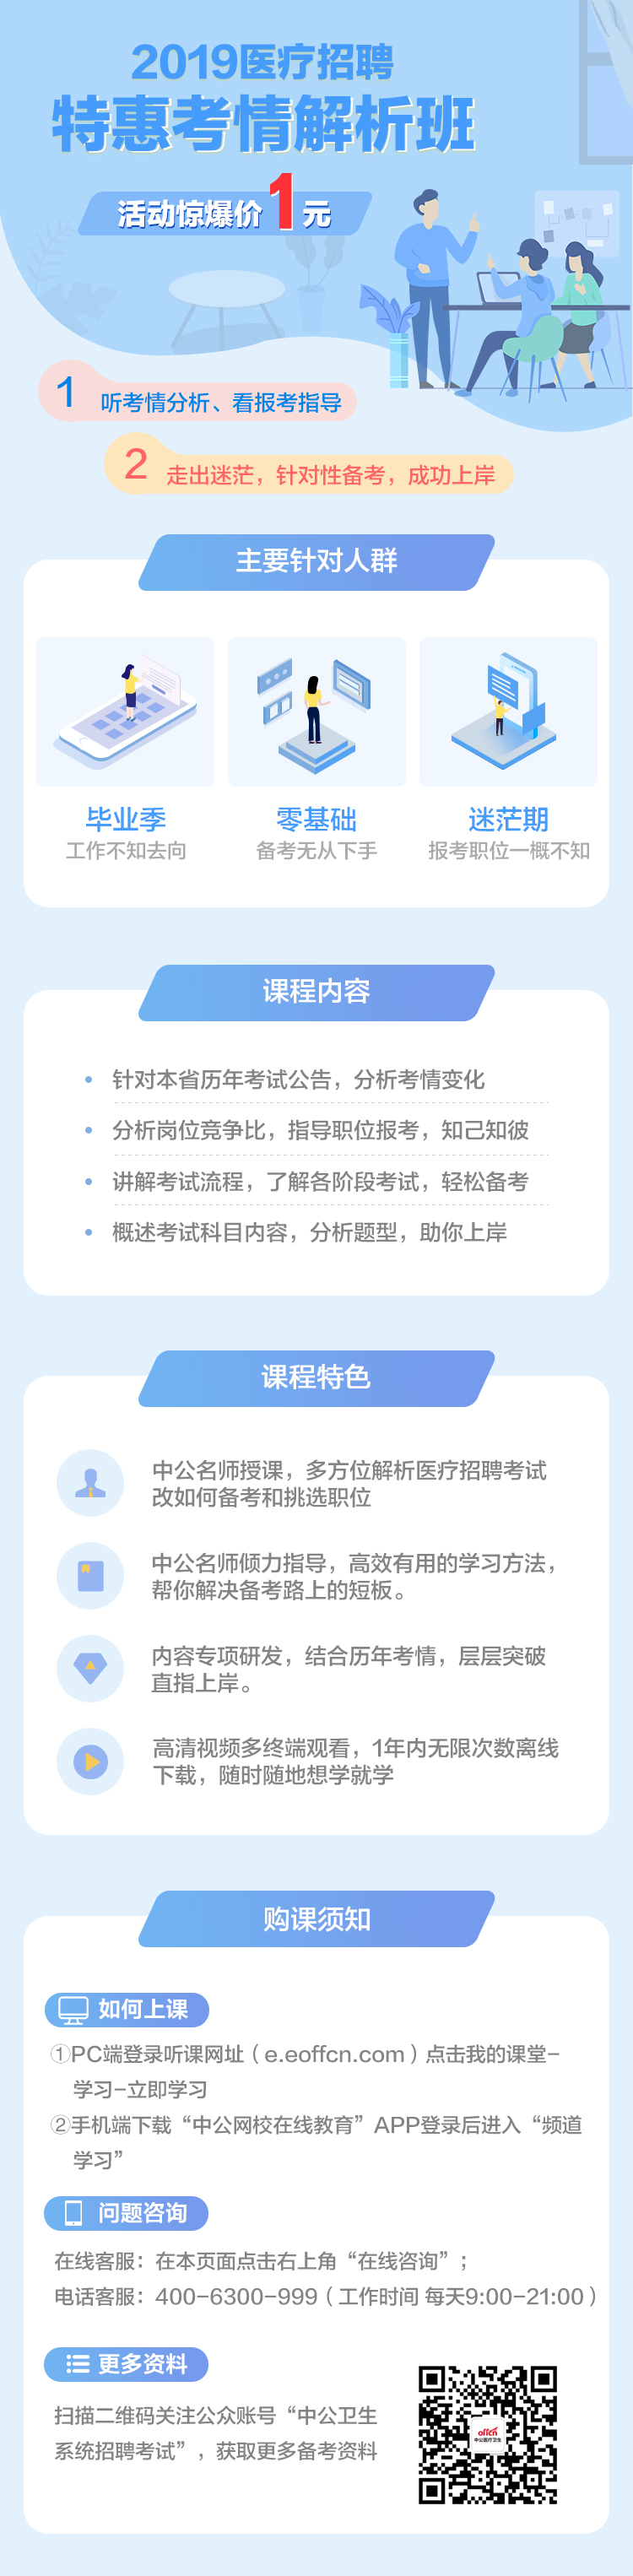 2019医疗招聘-考情活动课.jpg